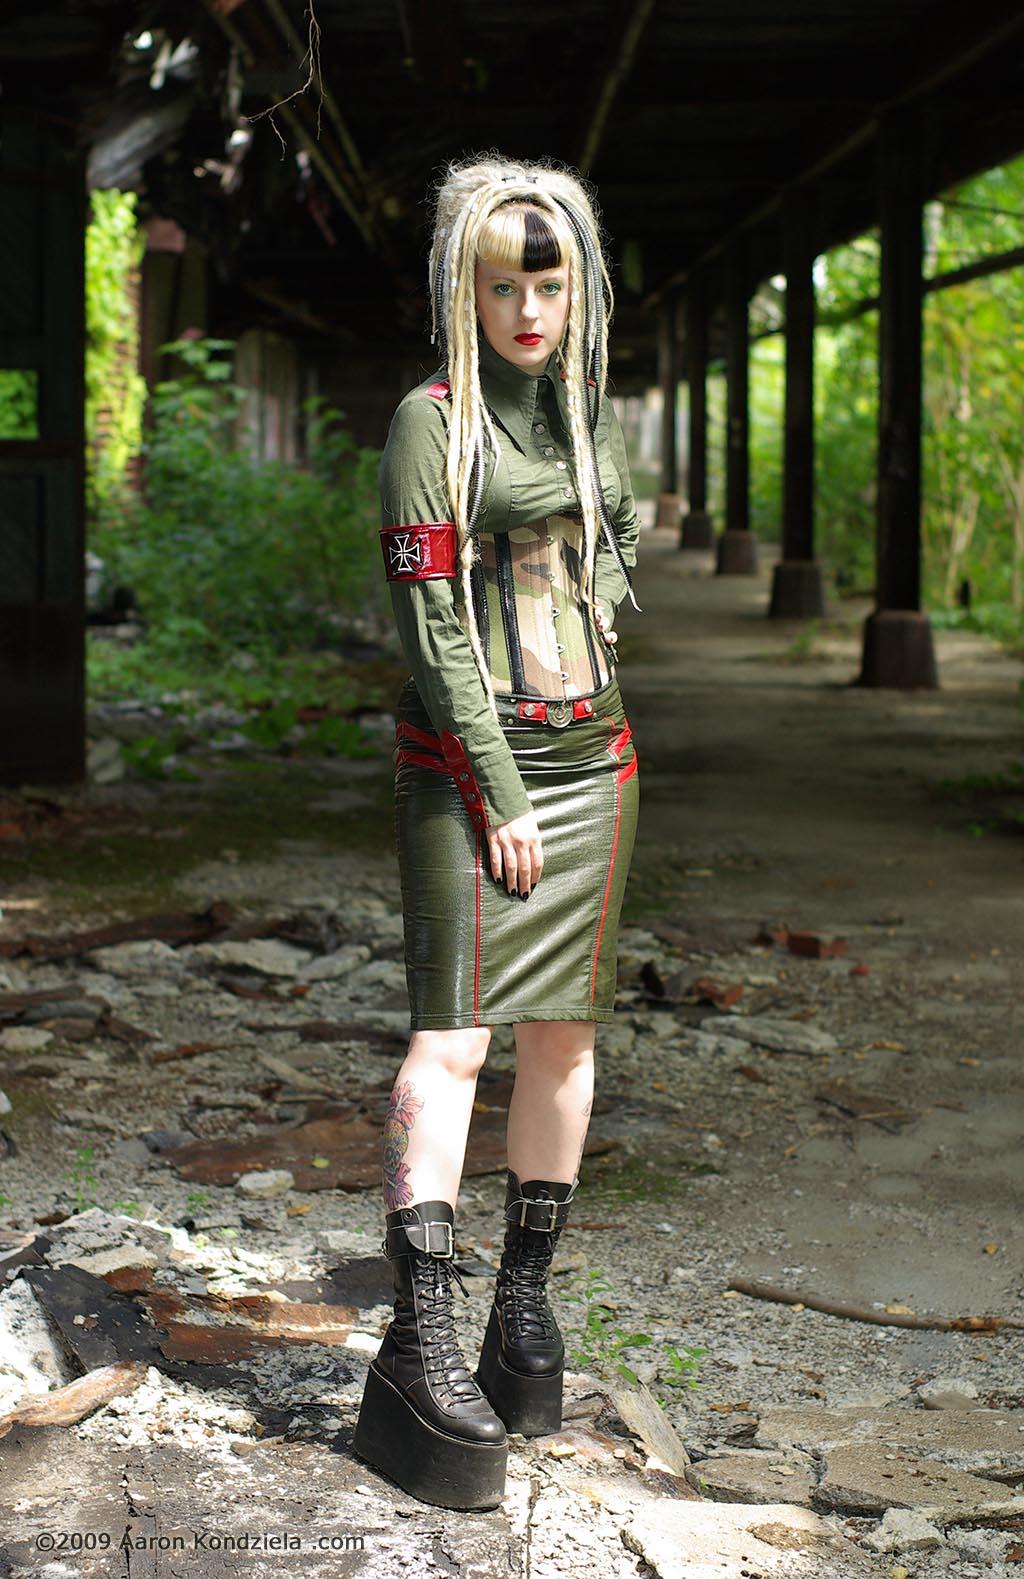 Angel Studio Ukrainian Ls Models